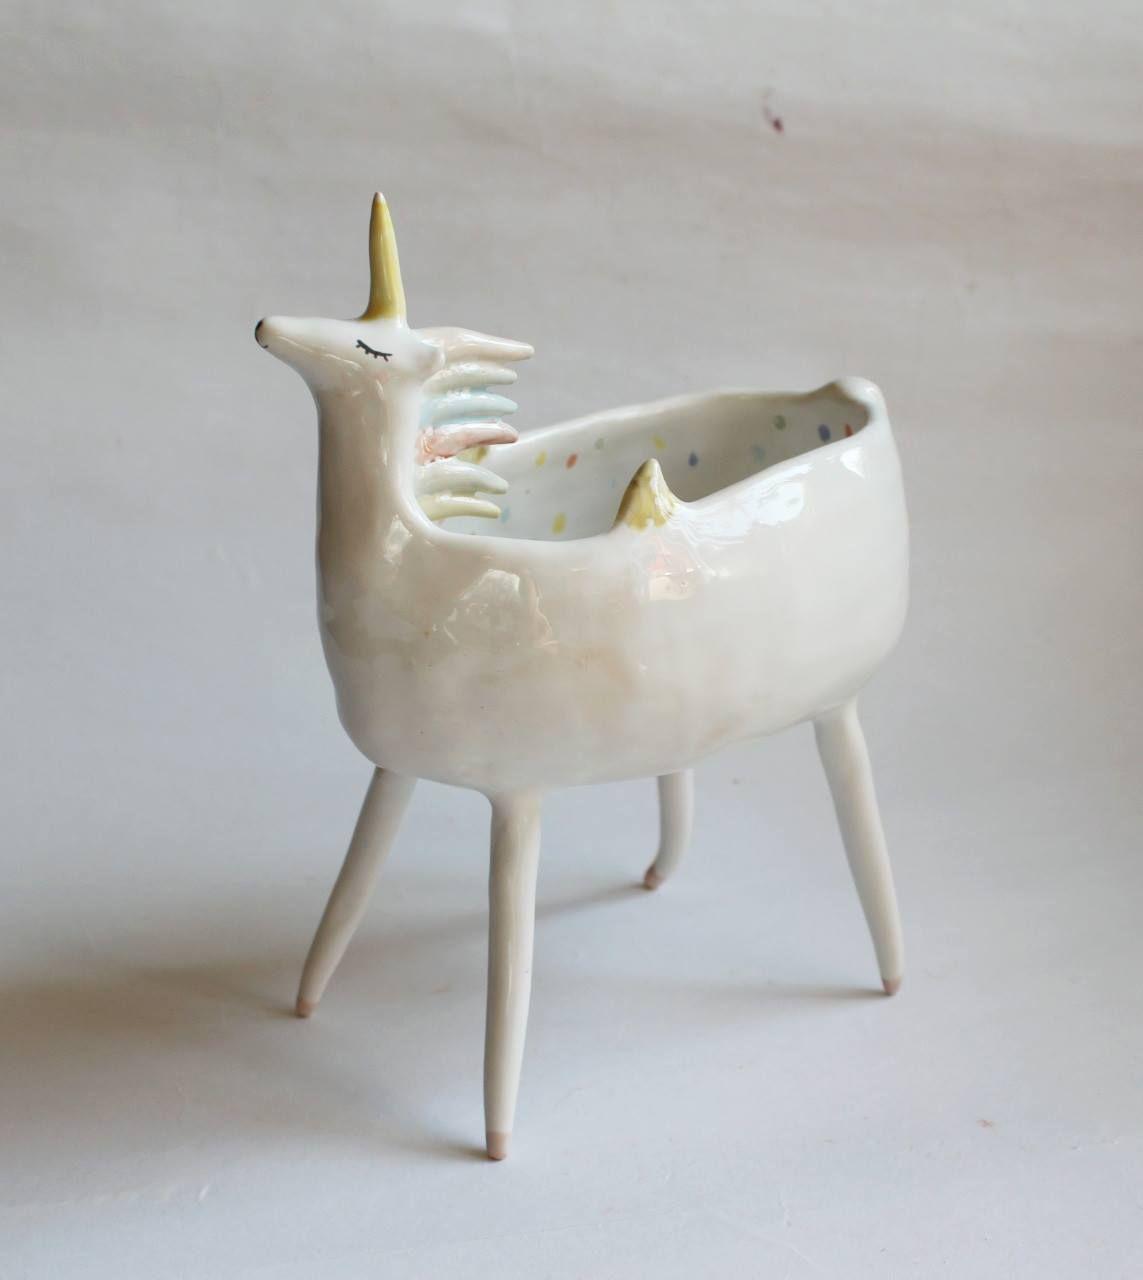 Pingl par sur ceramic pinterest id es - Idee de poterie ...